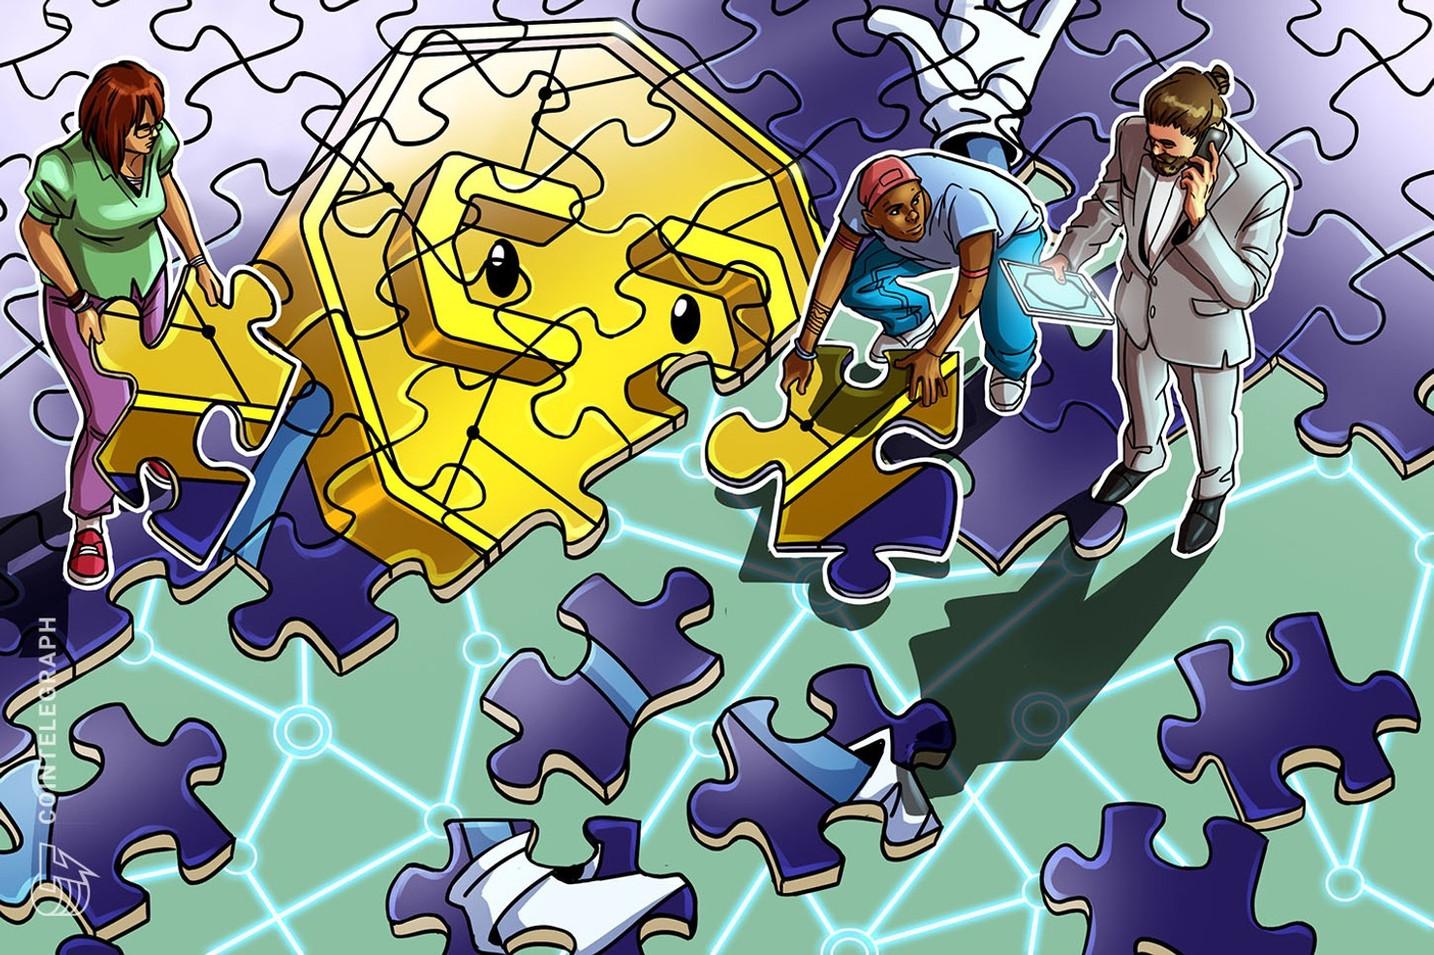 昨年12月は仮想通貨ETHやXRPのOTC需要高まる|バイナンスレポート【ニュース】